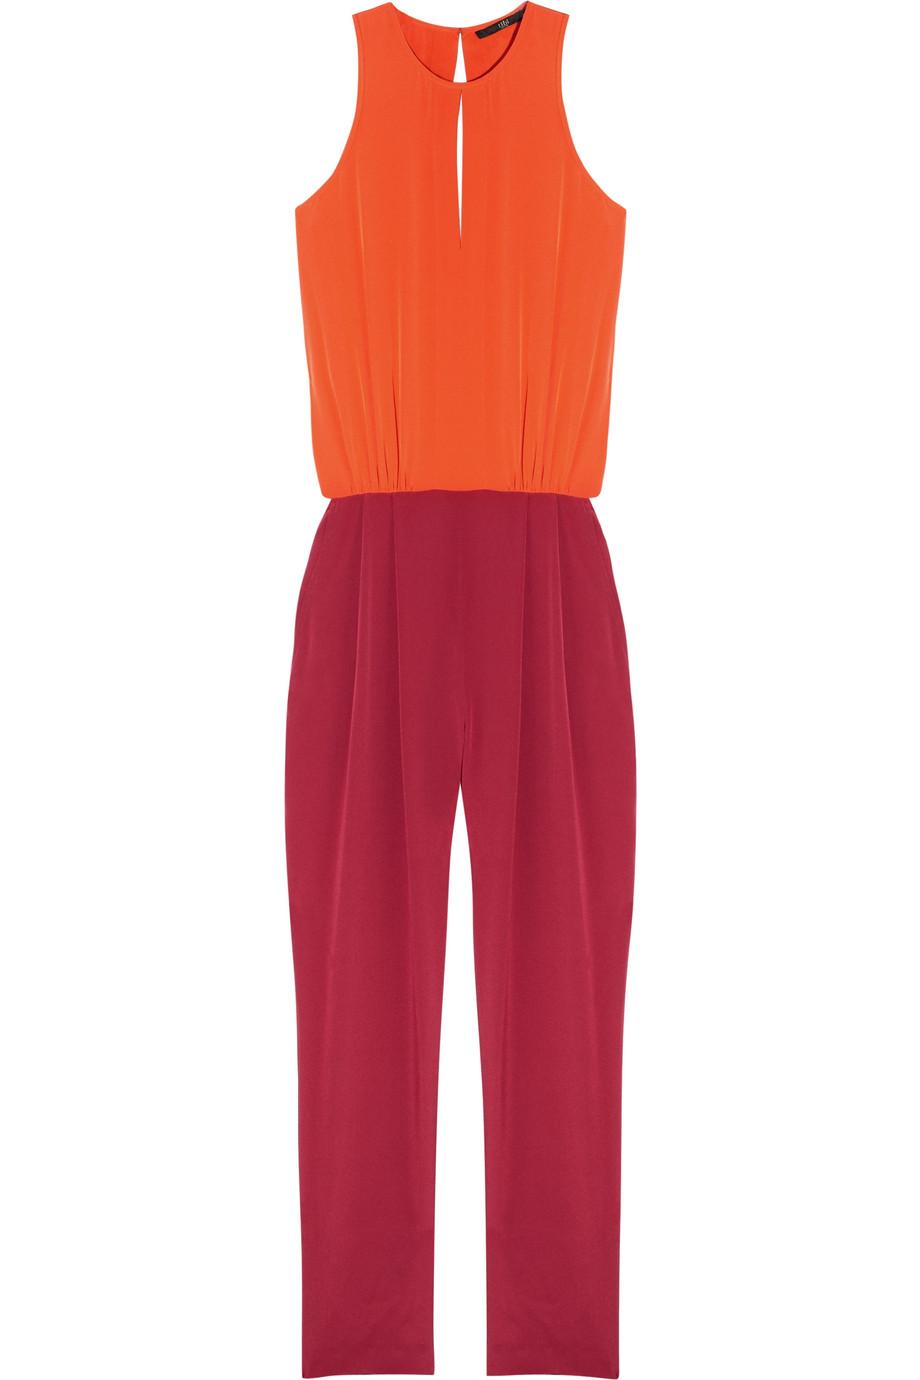 4f038876f11e2 Lyst - Tibi Two-tone Silk Crepe De Chine Jumpsuit in Orange